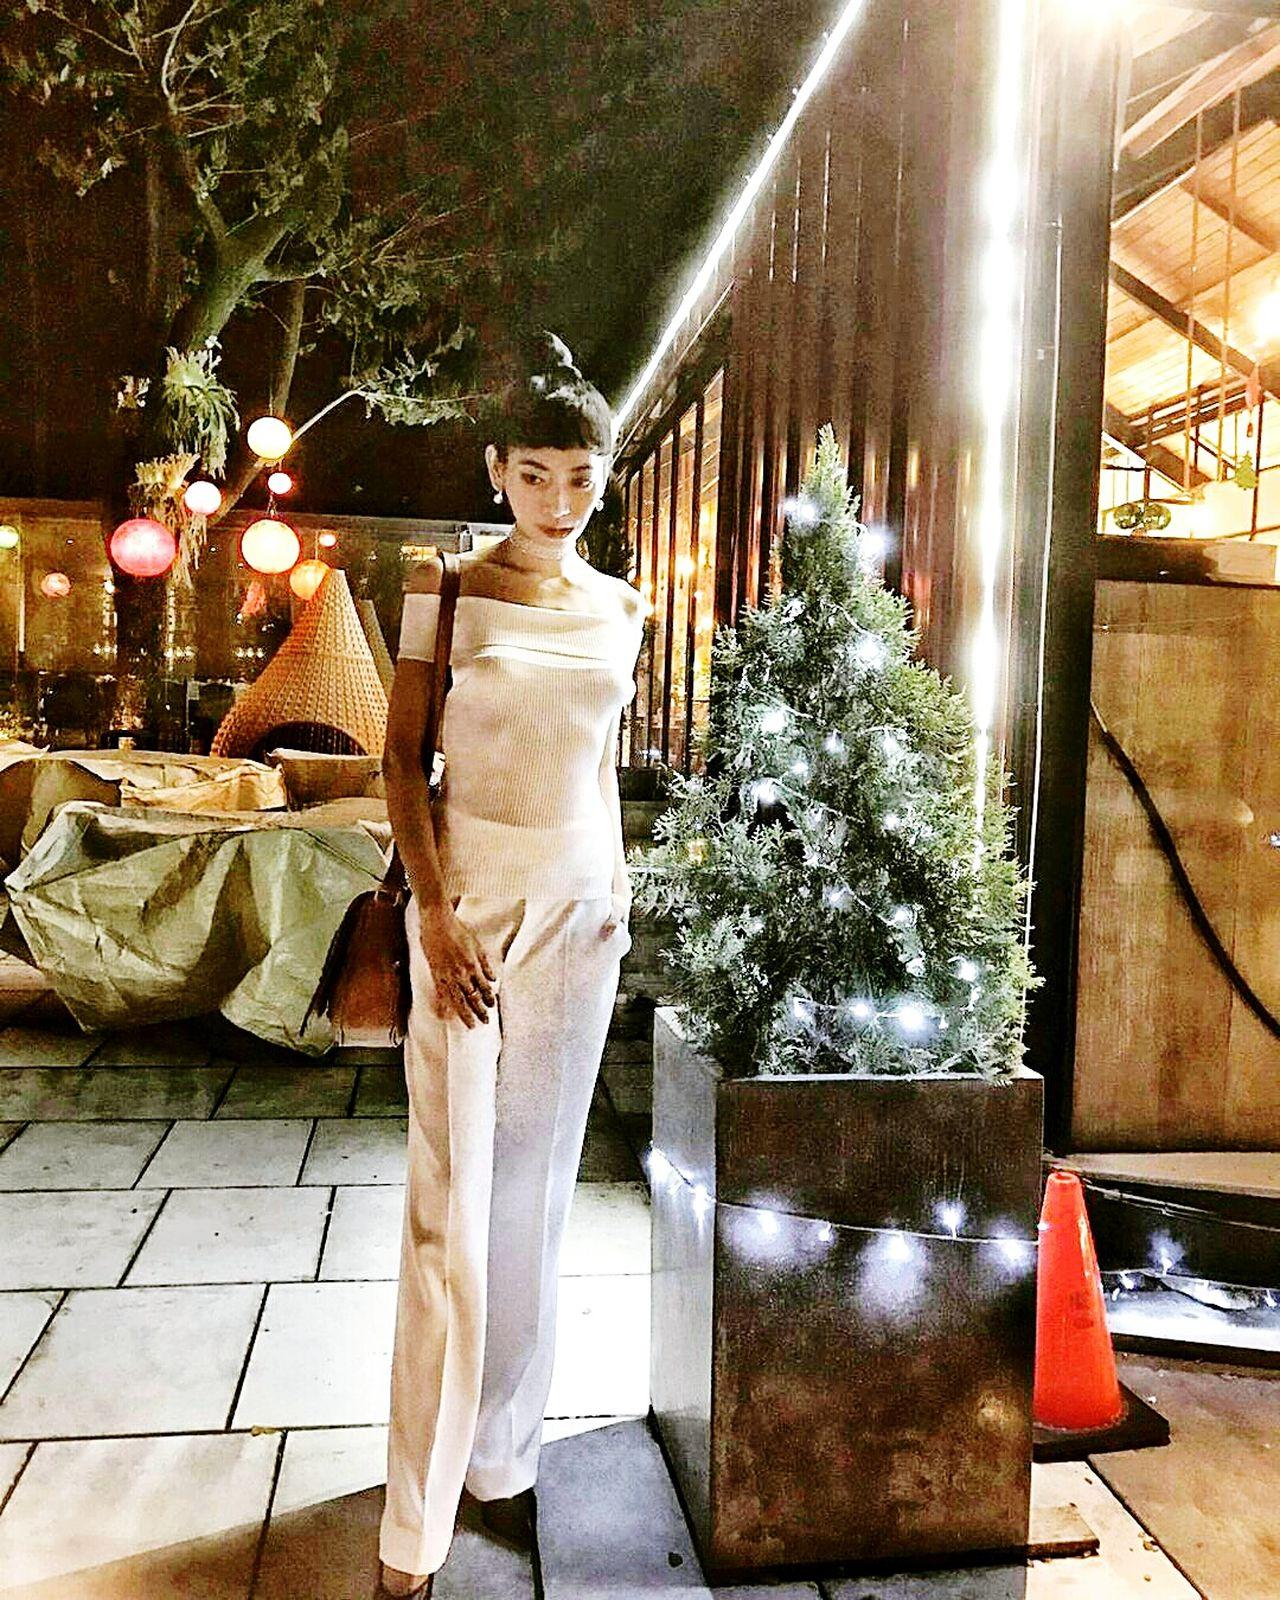 Model Models Beautiful Girl Amazing Life Lifestyles Glam Glamorous  Glamour Shots Lux Luxury Luxurylifestyle  Selfie ✌